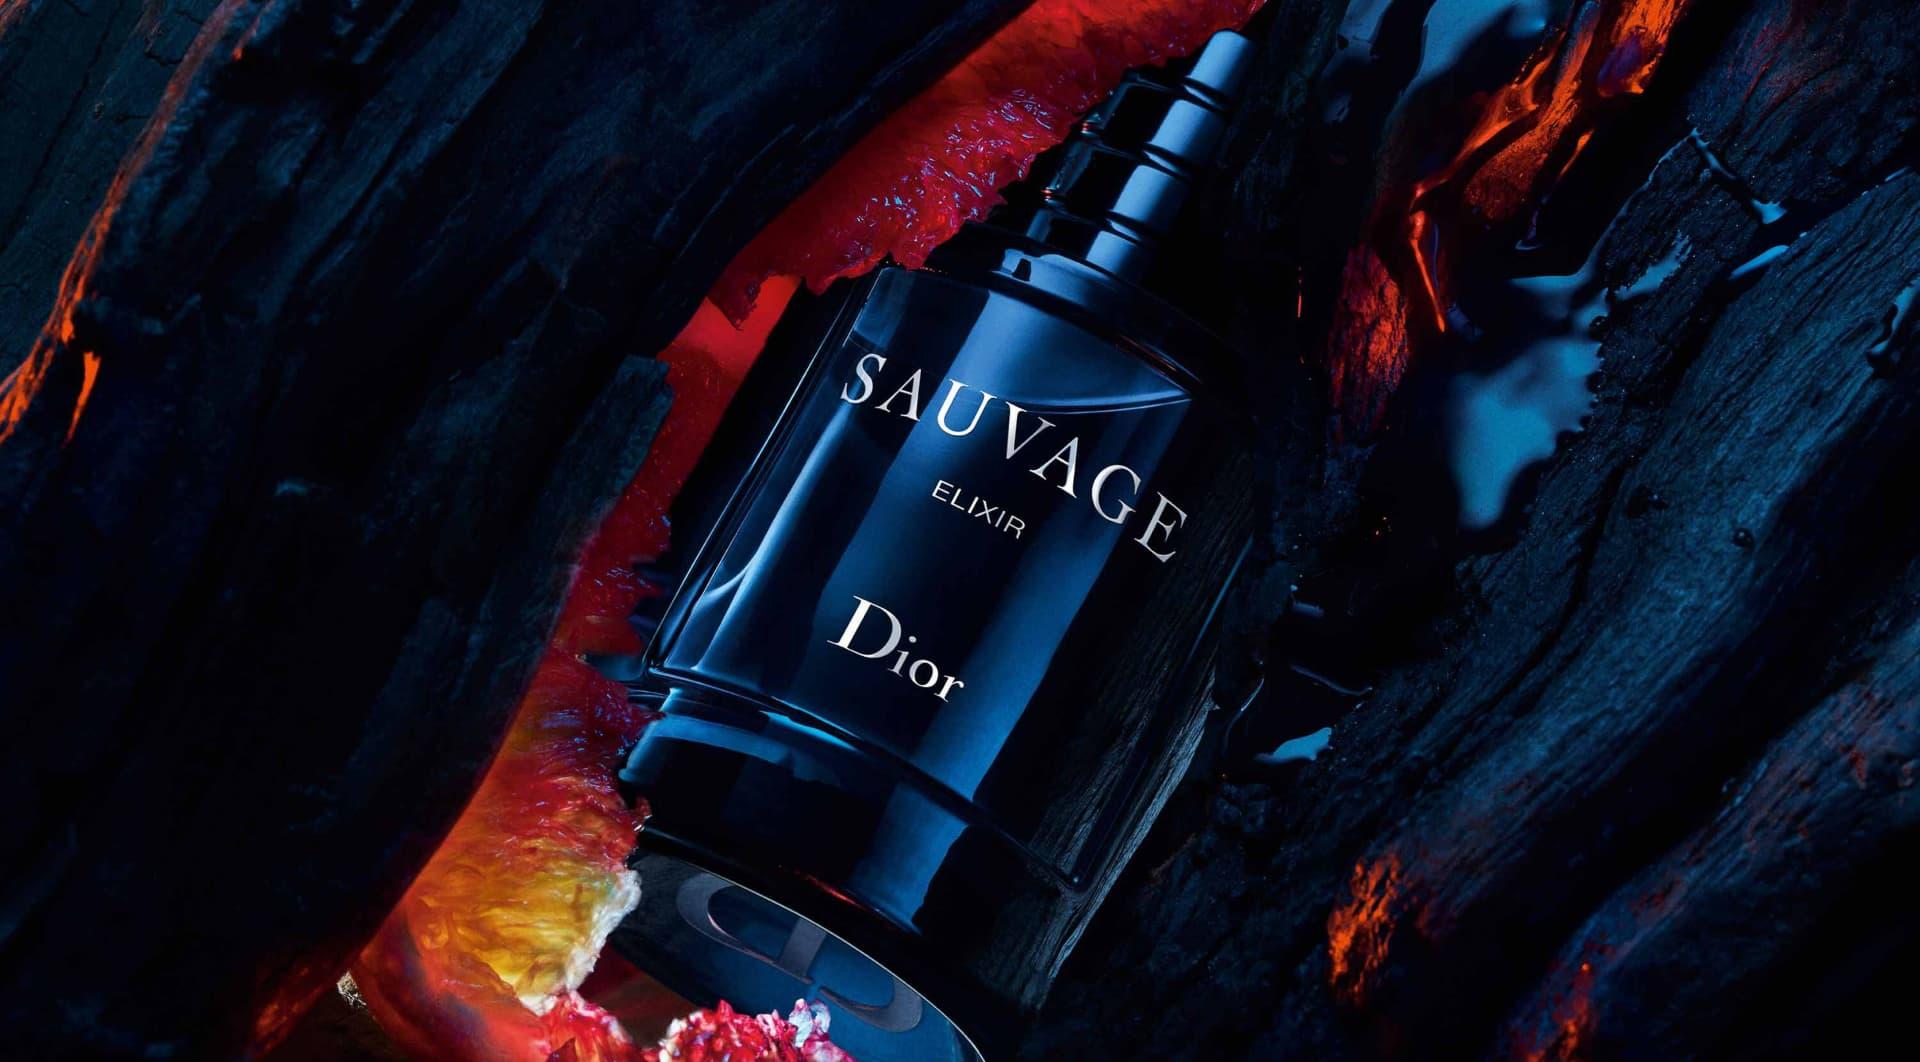 Sauvage Elixir el nuevo perfume para hombres de Dior